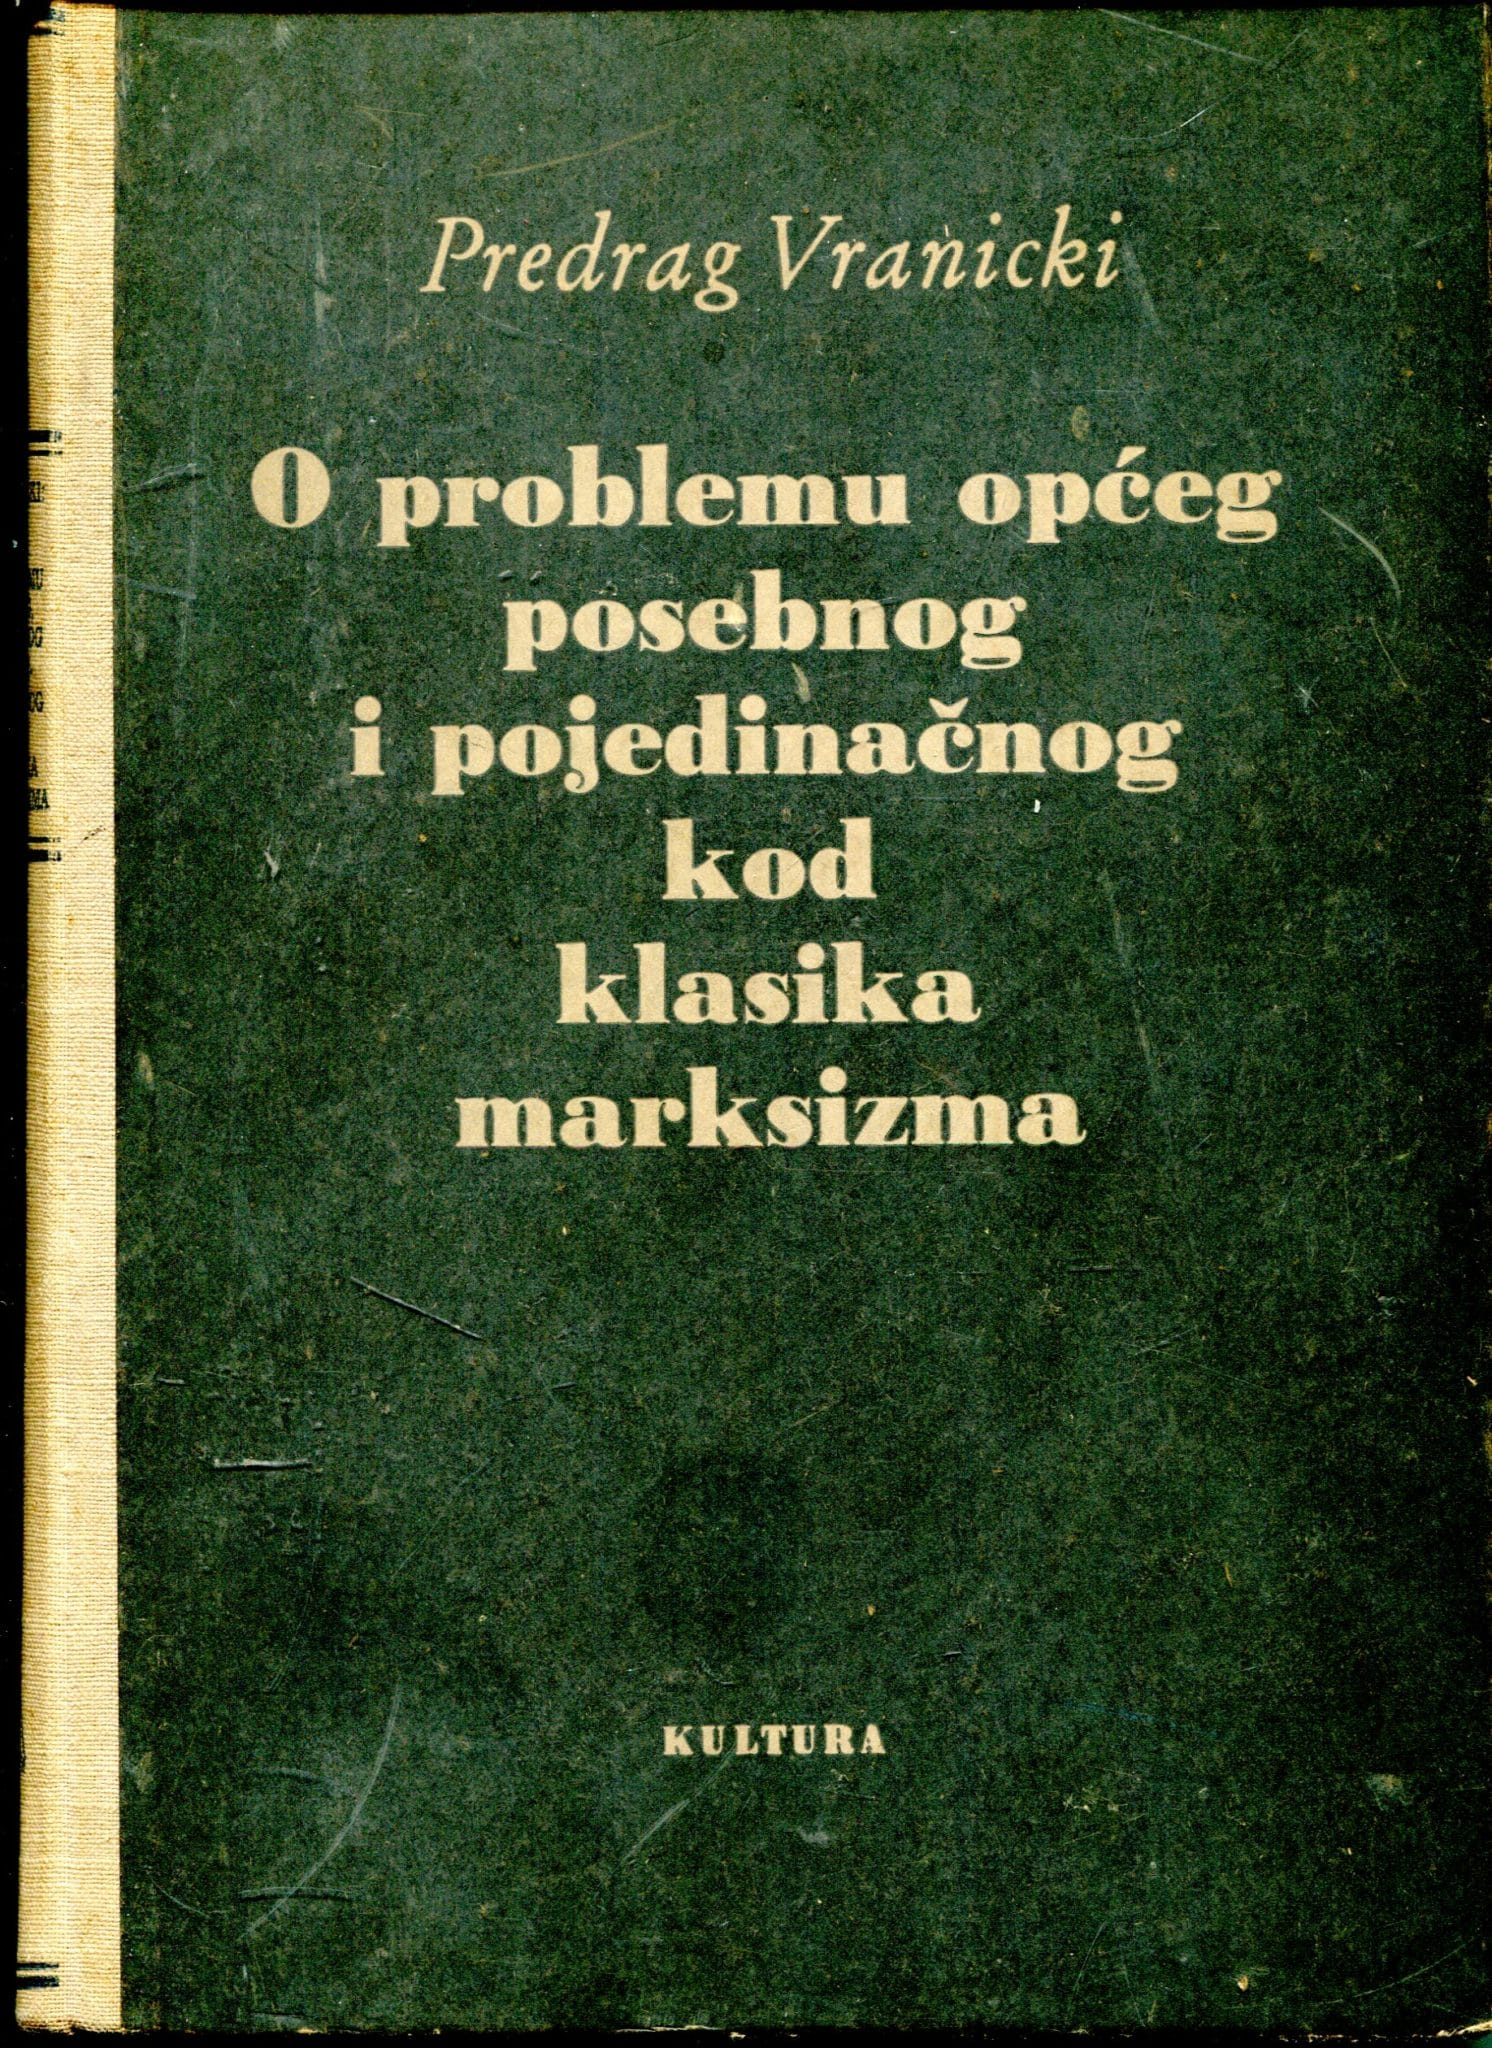 O problemu općeg, posebnog i pojedinačnog kod klasika marksizma Predrag Vranicki